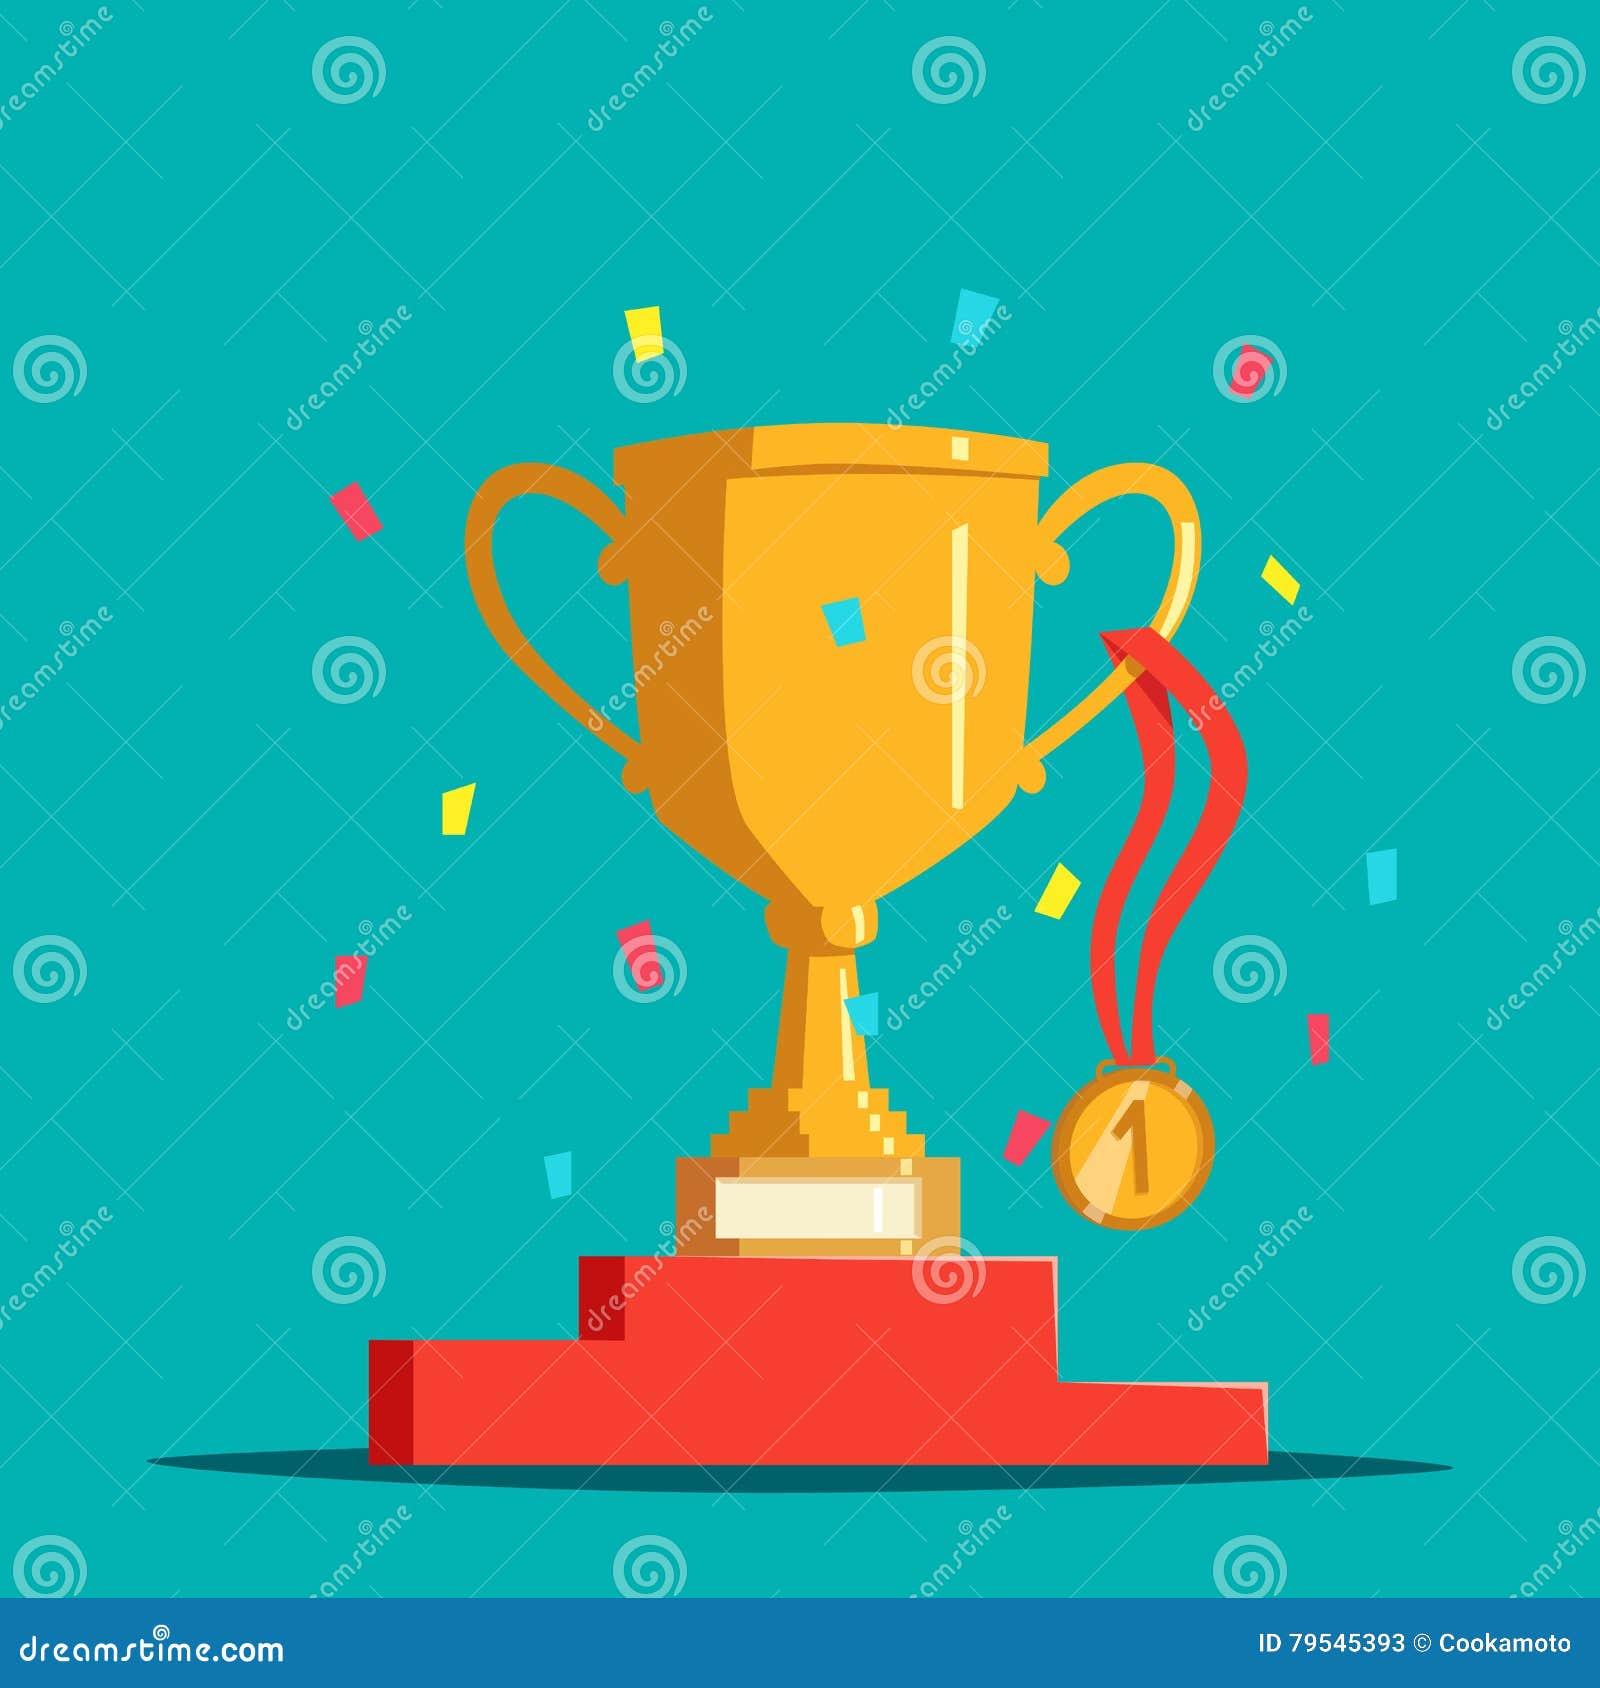 Segerutmärkelsebunke eller kopp, medalj och sockel, konfetti Trofé eller bägare, guld- medaljong och grund eller ställning May at